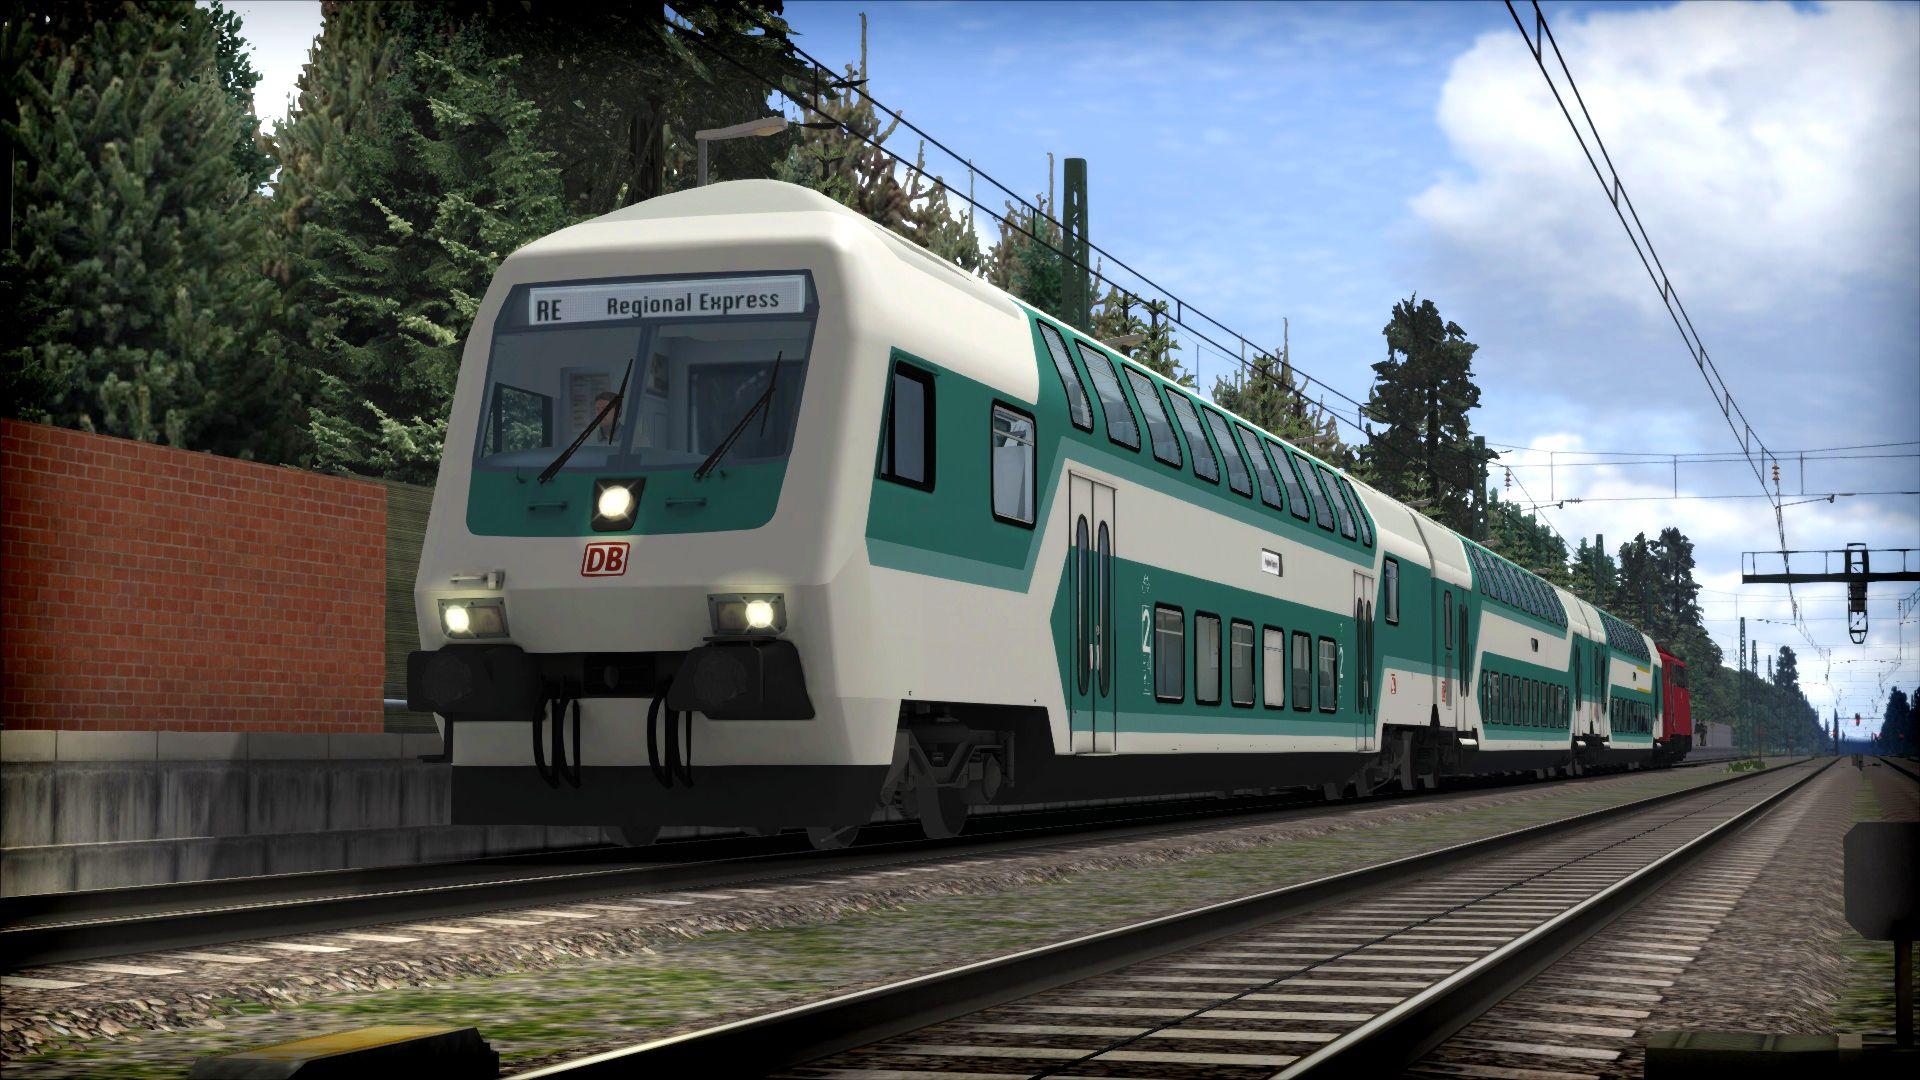 DBBR1113